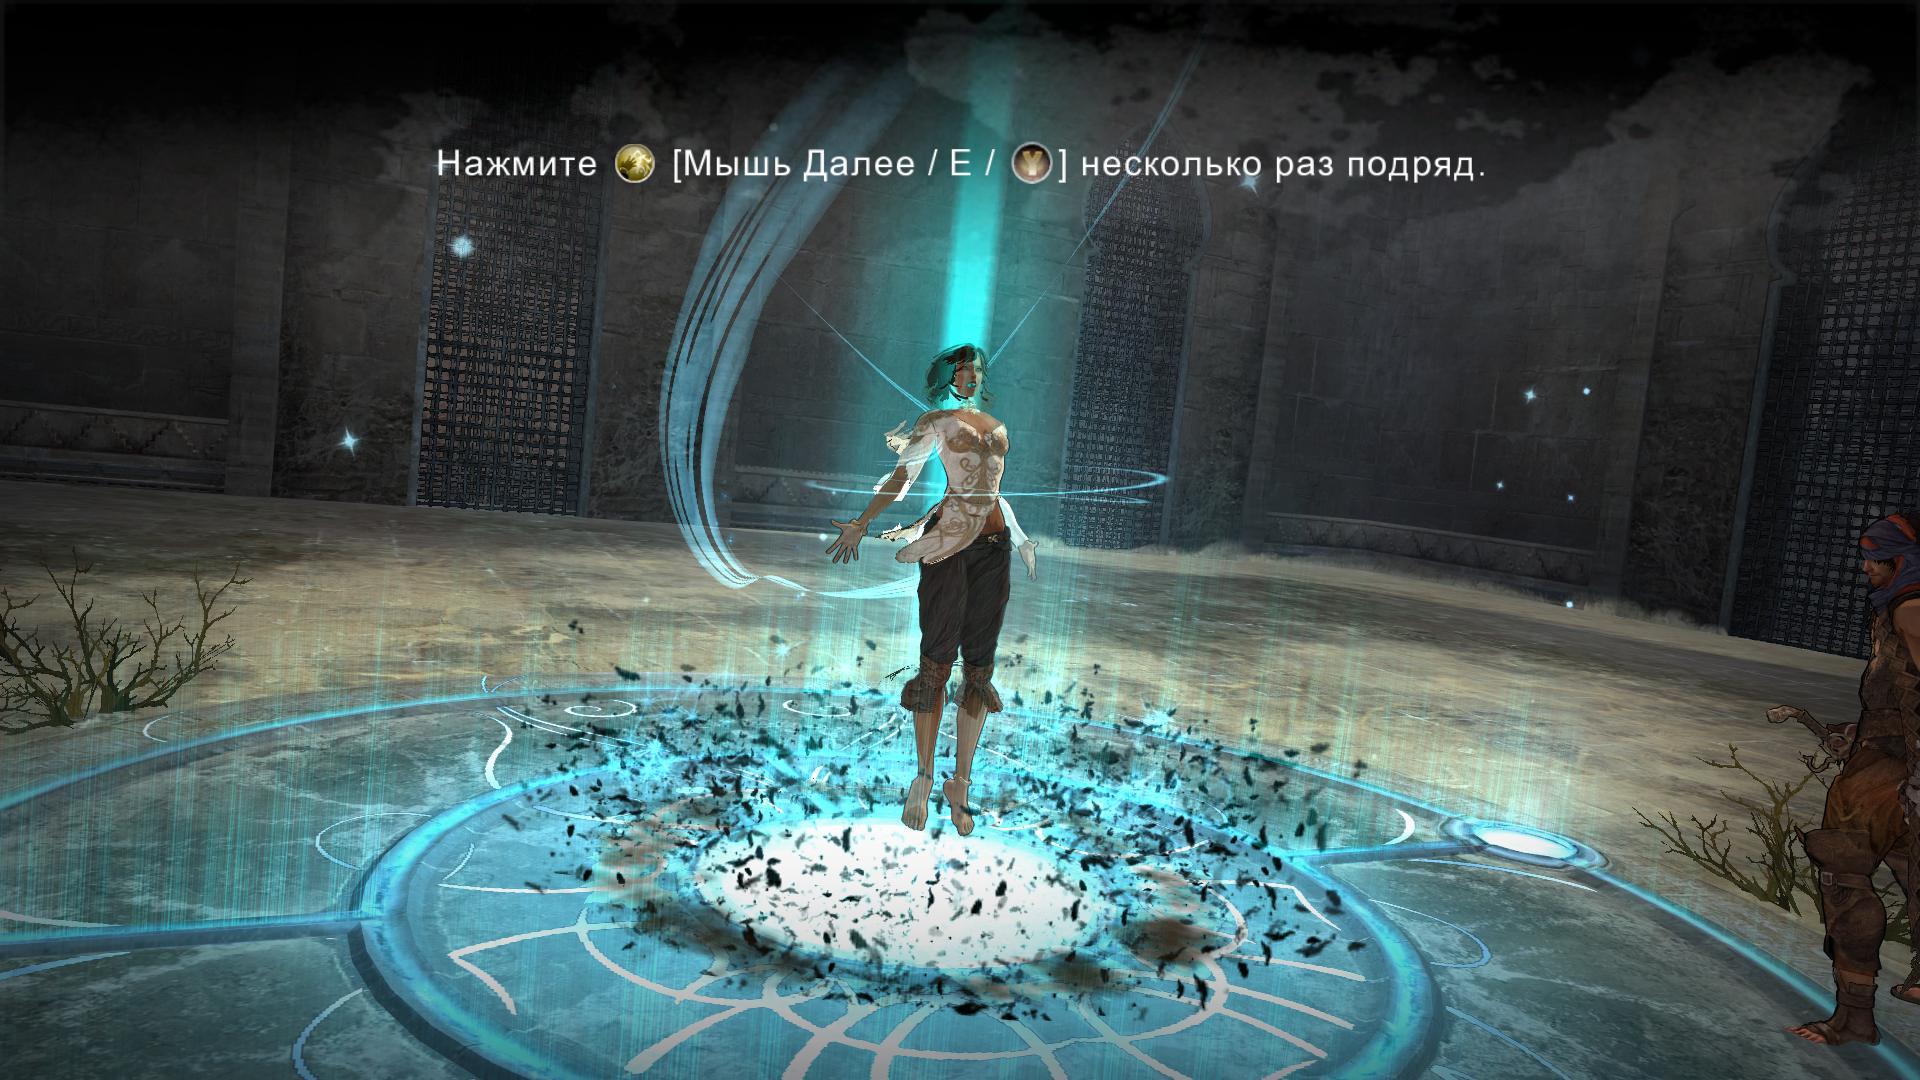 Ретро-прохождение Prince of Persia (2008) в скриншотах ... Часть 1 НАЧАЛО!  - Изображение 18